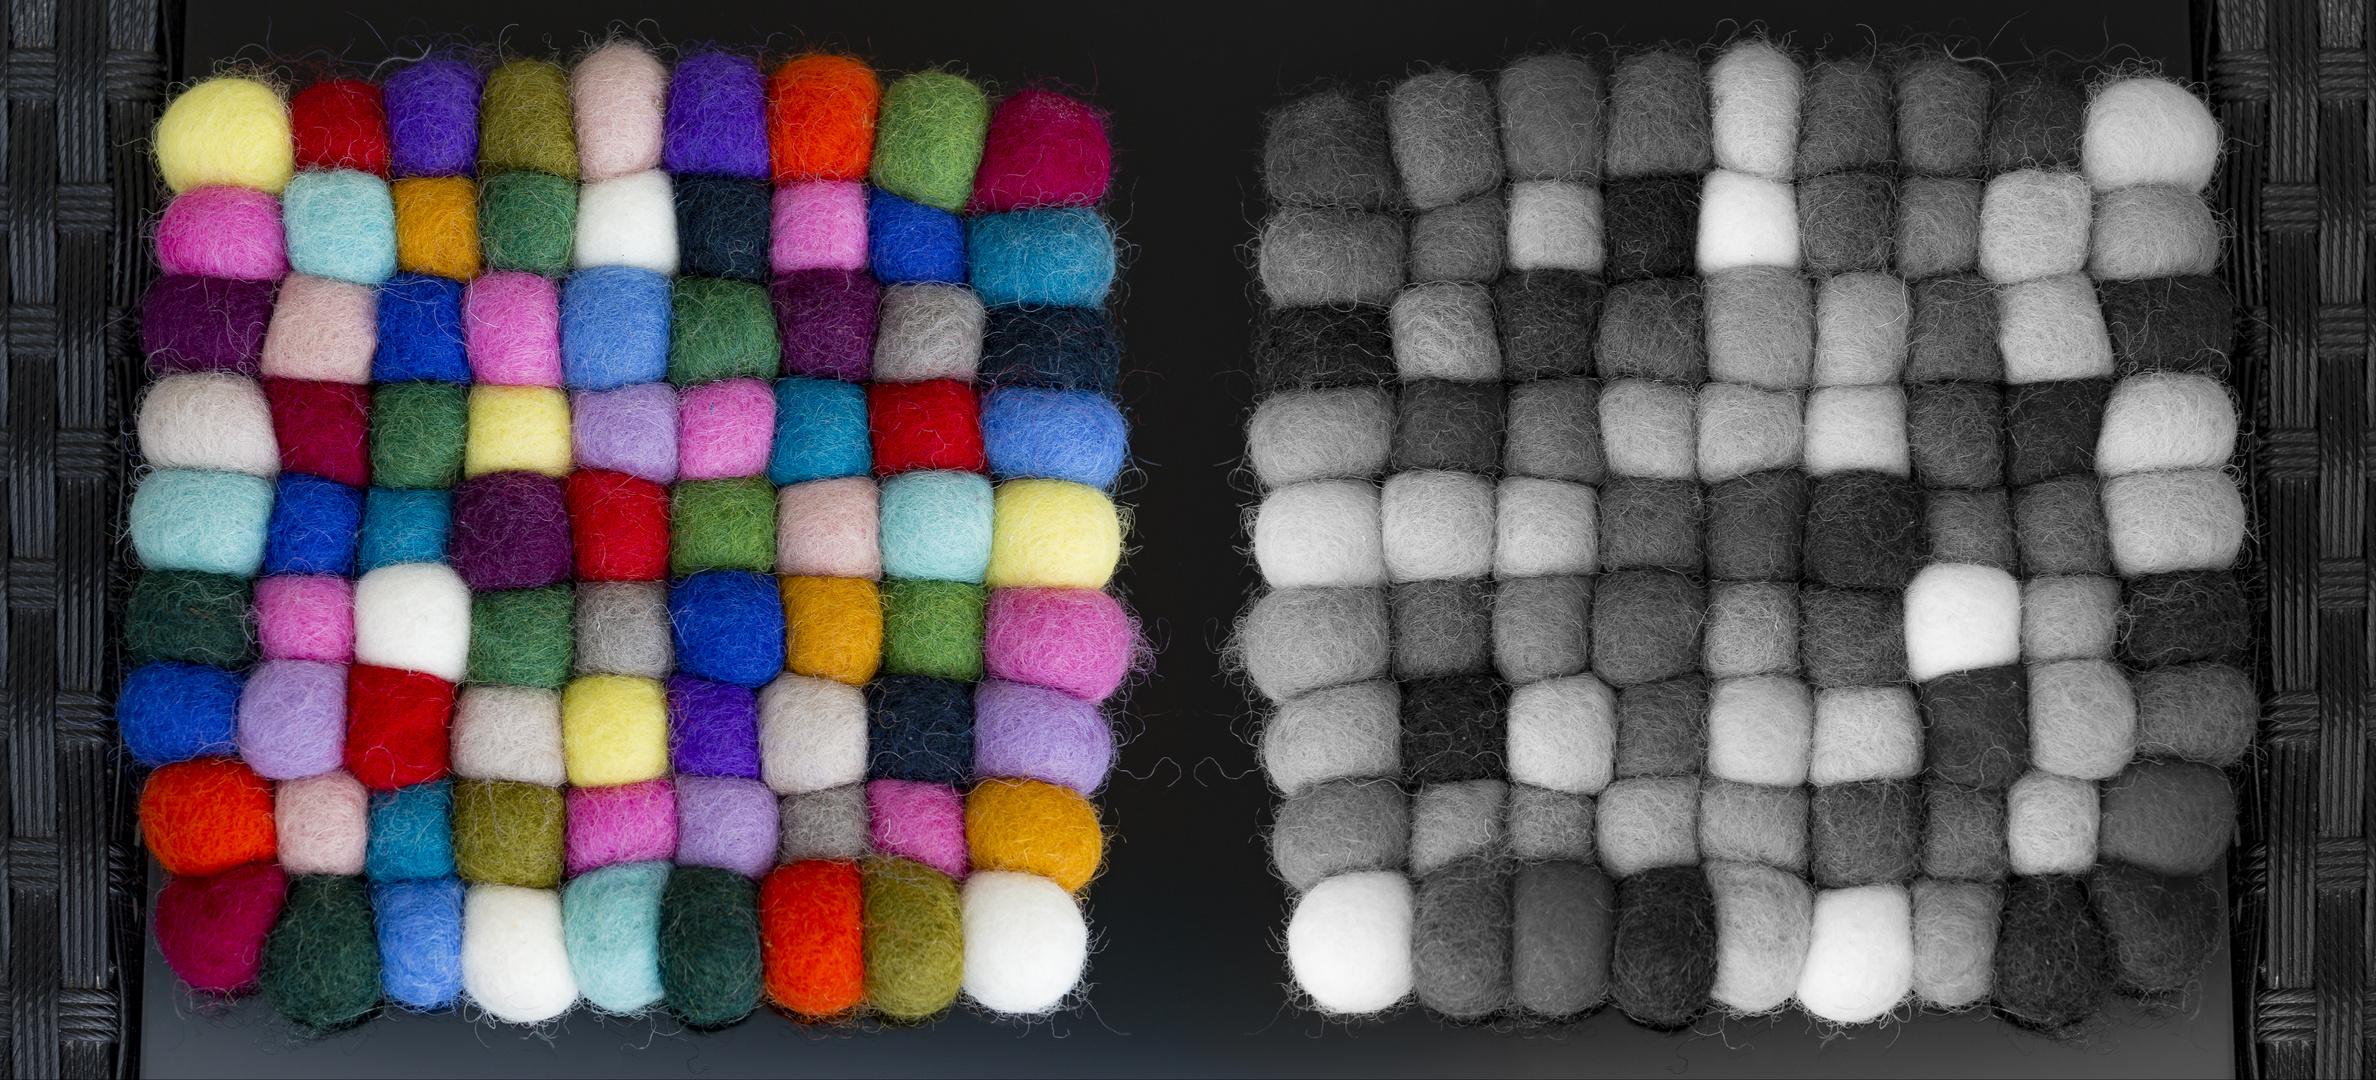 farbe vs schwarz wei foto bild licht sw farbe bilder auf fotocommunity. Black Bedroom Furniture Sets. Home Design Ideas